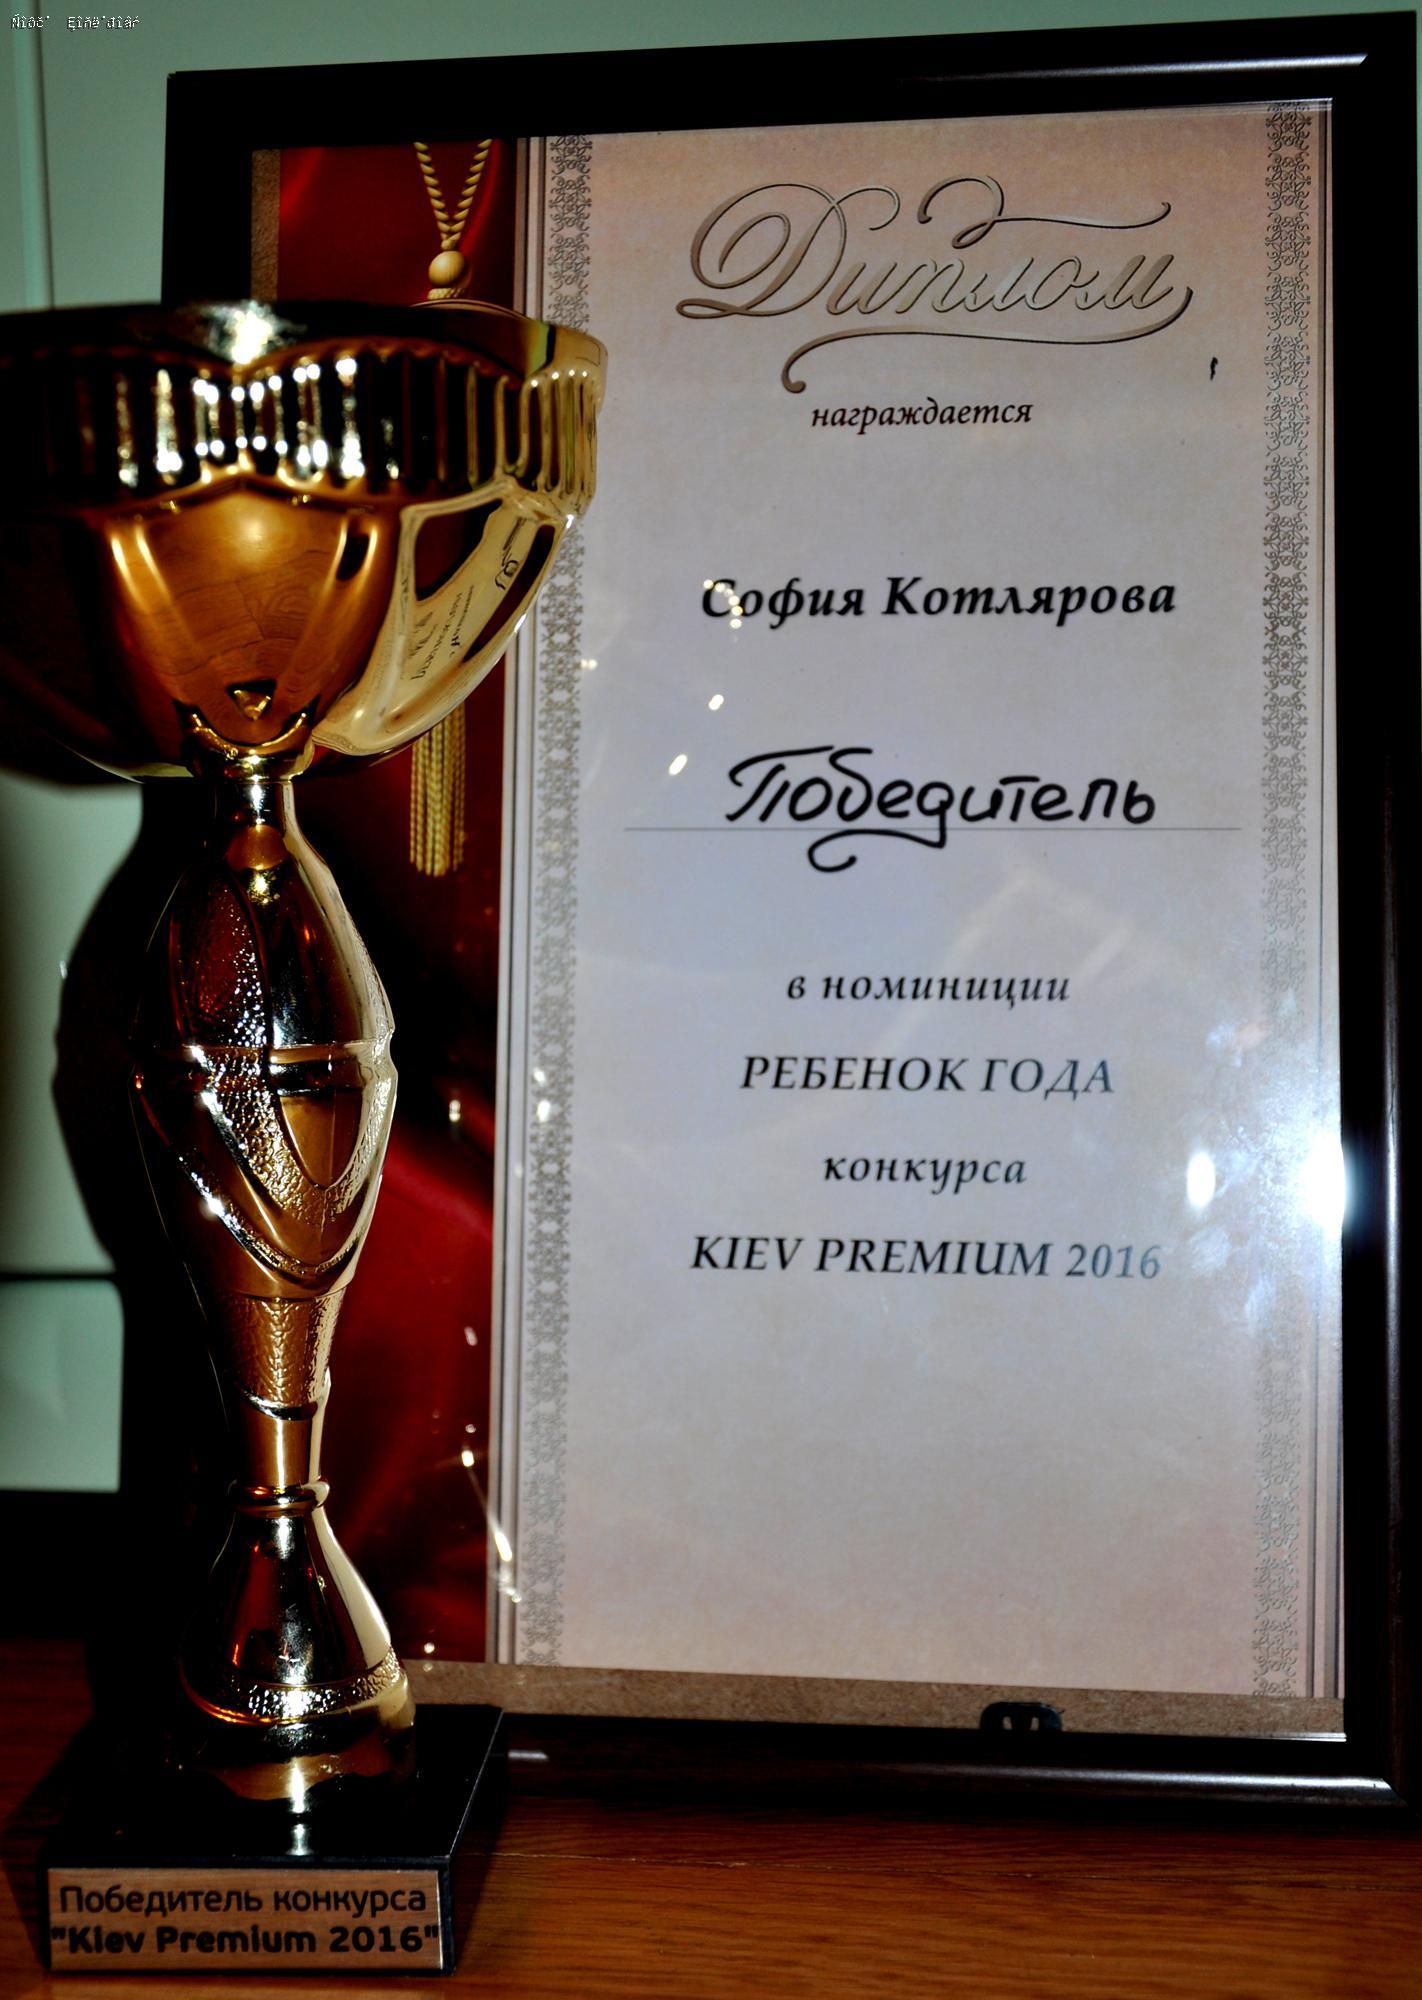 KIEV PREMIUM 2016  номинация